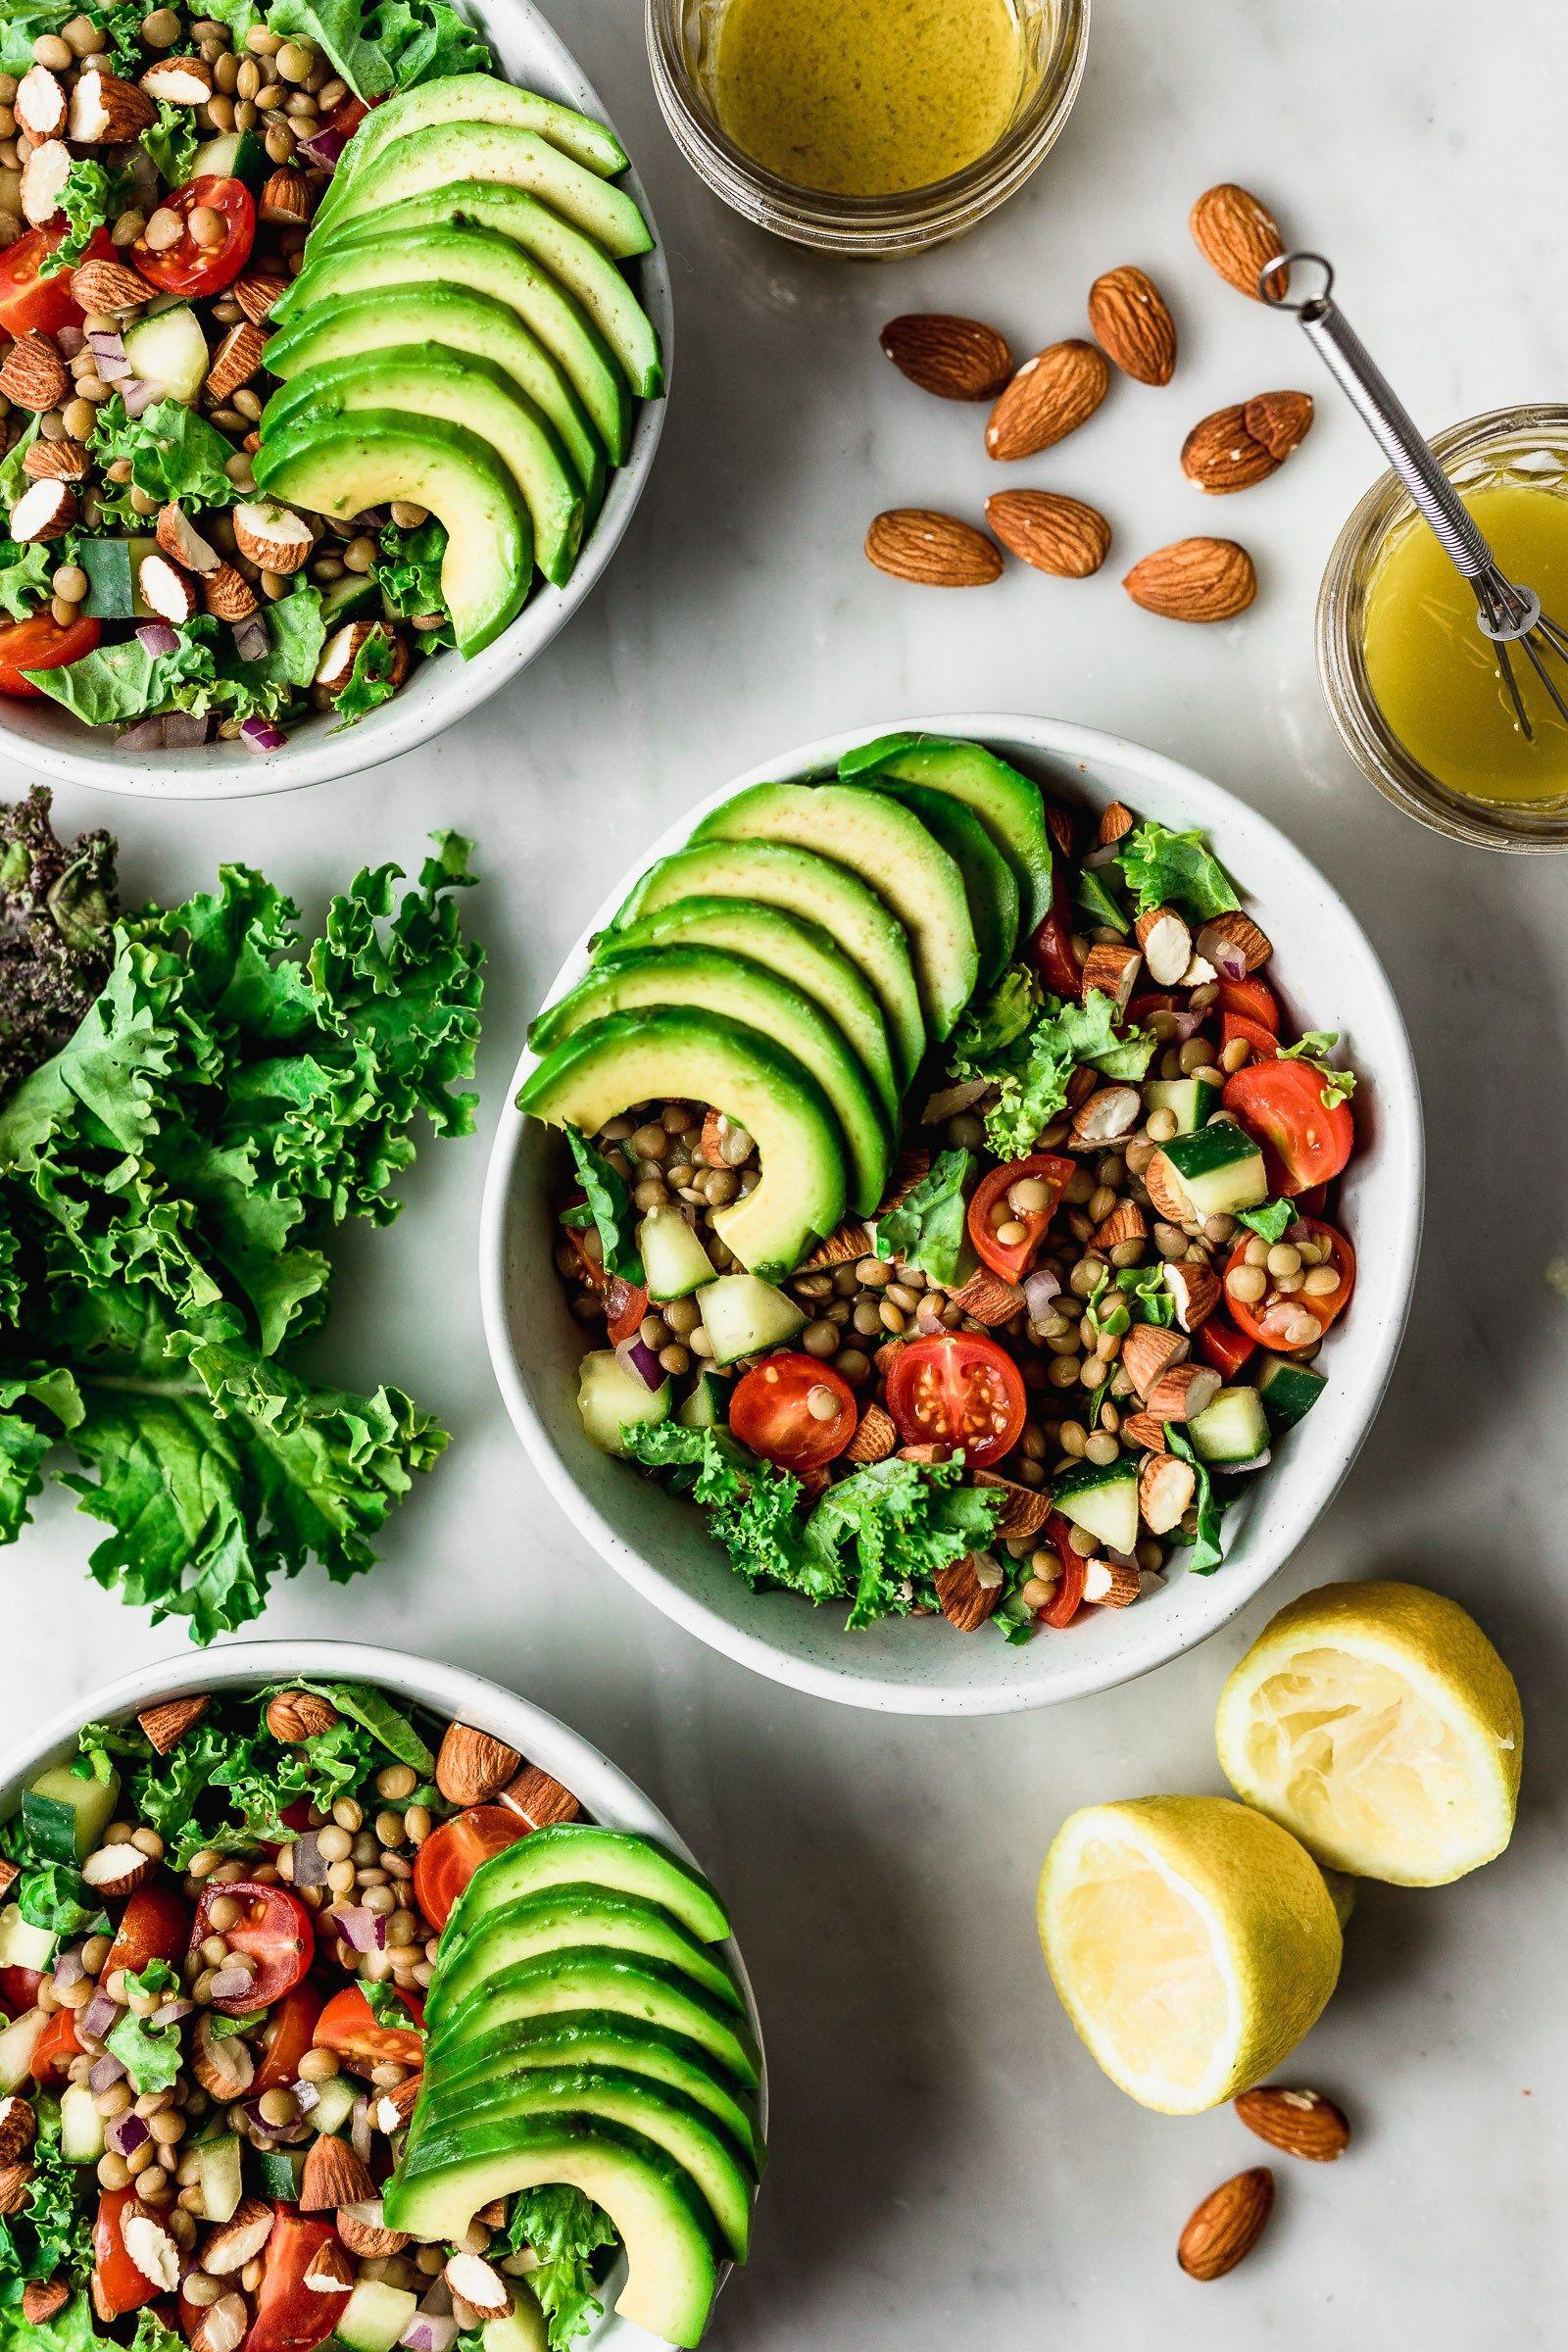 Ensalada De Lentejas Con Tomate Pepino Y Kale Cravings Journal Receta Ensalada De Lentejas Ensaladas Con Proteina Comida Saludable Ensaladas